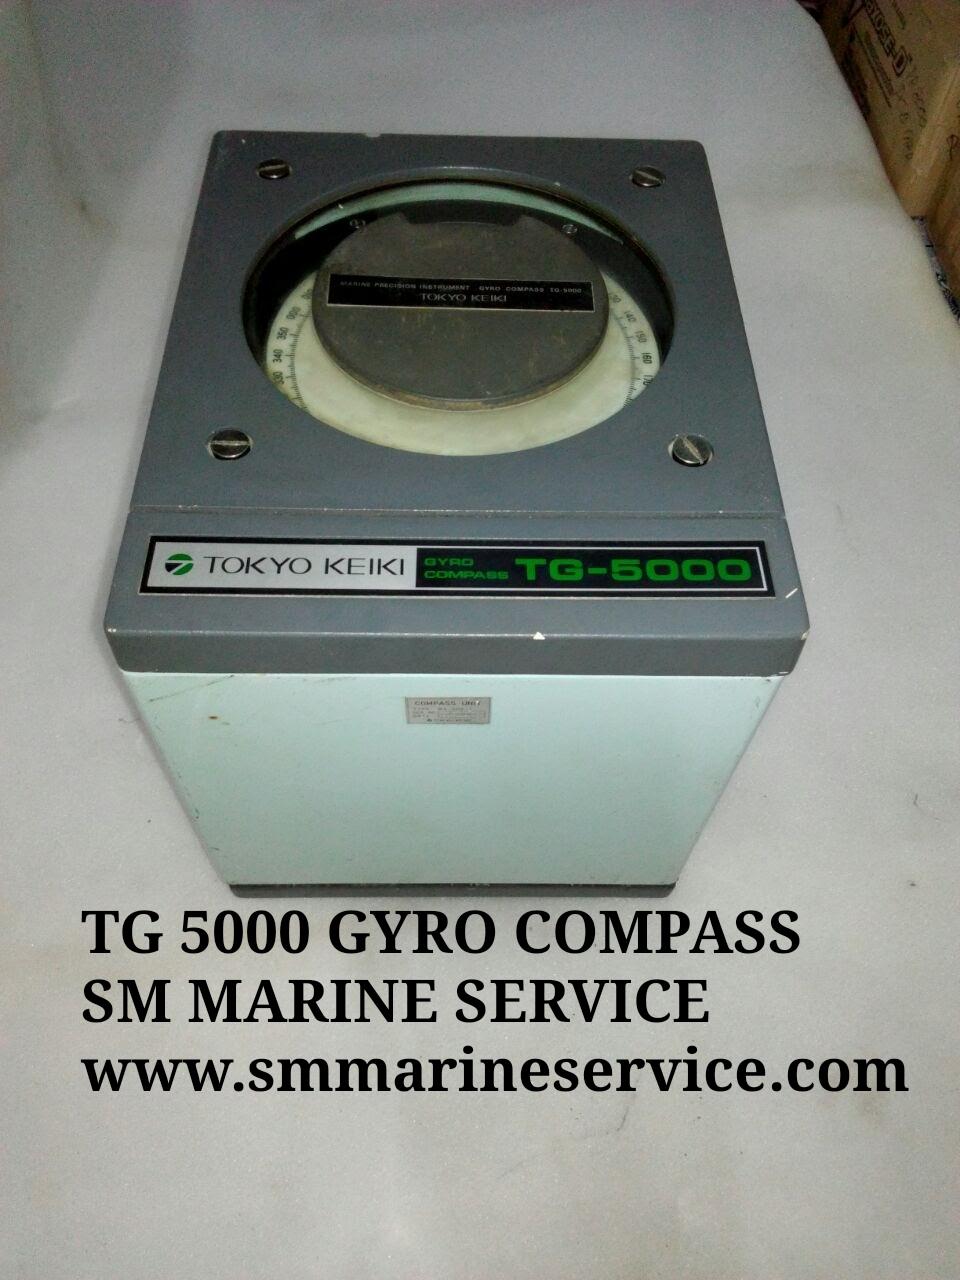 uploads/PhotoImages/TG-5000_GYRO_COMPASS.jpeg